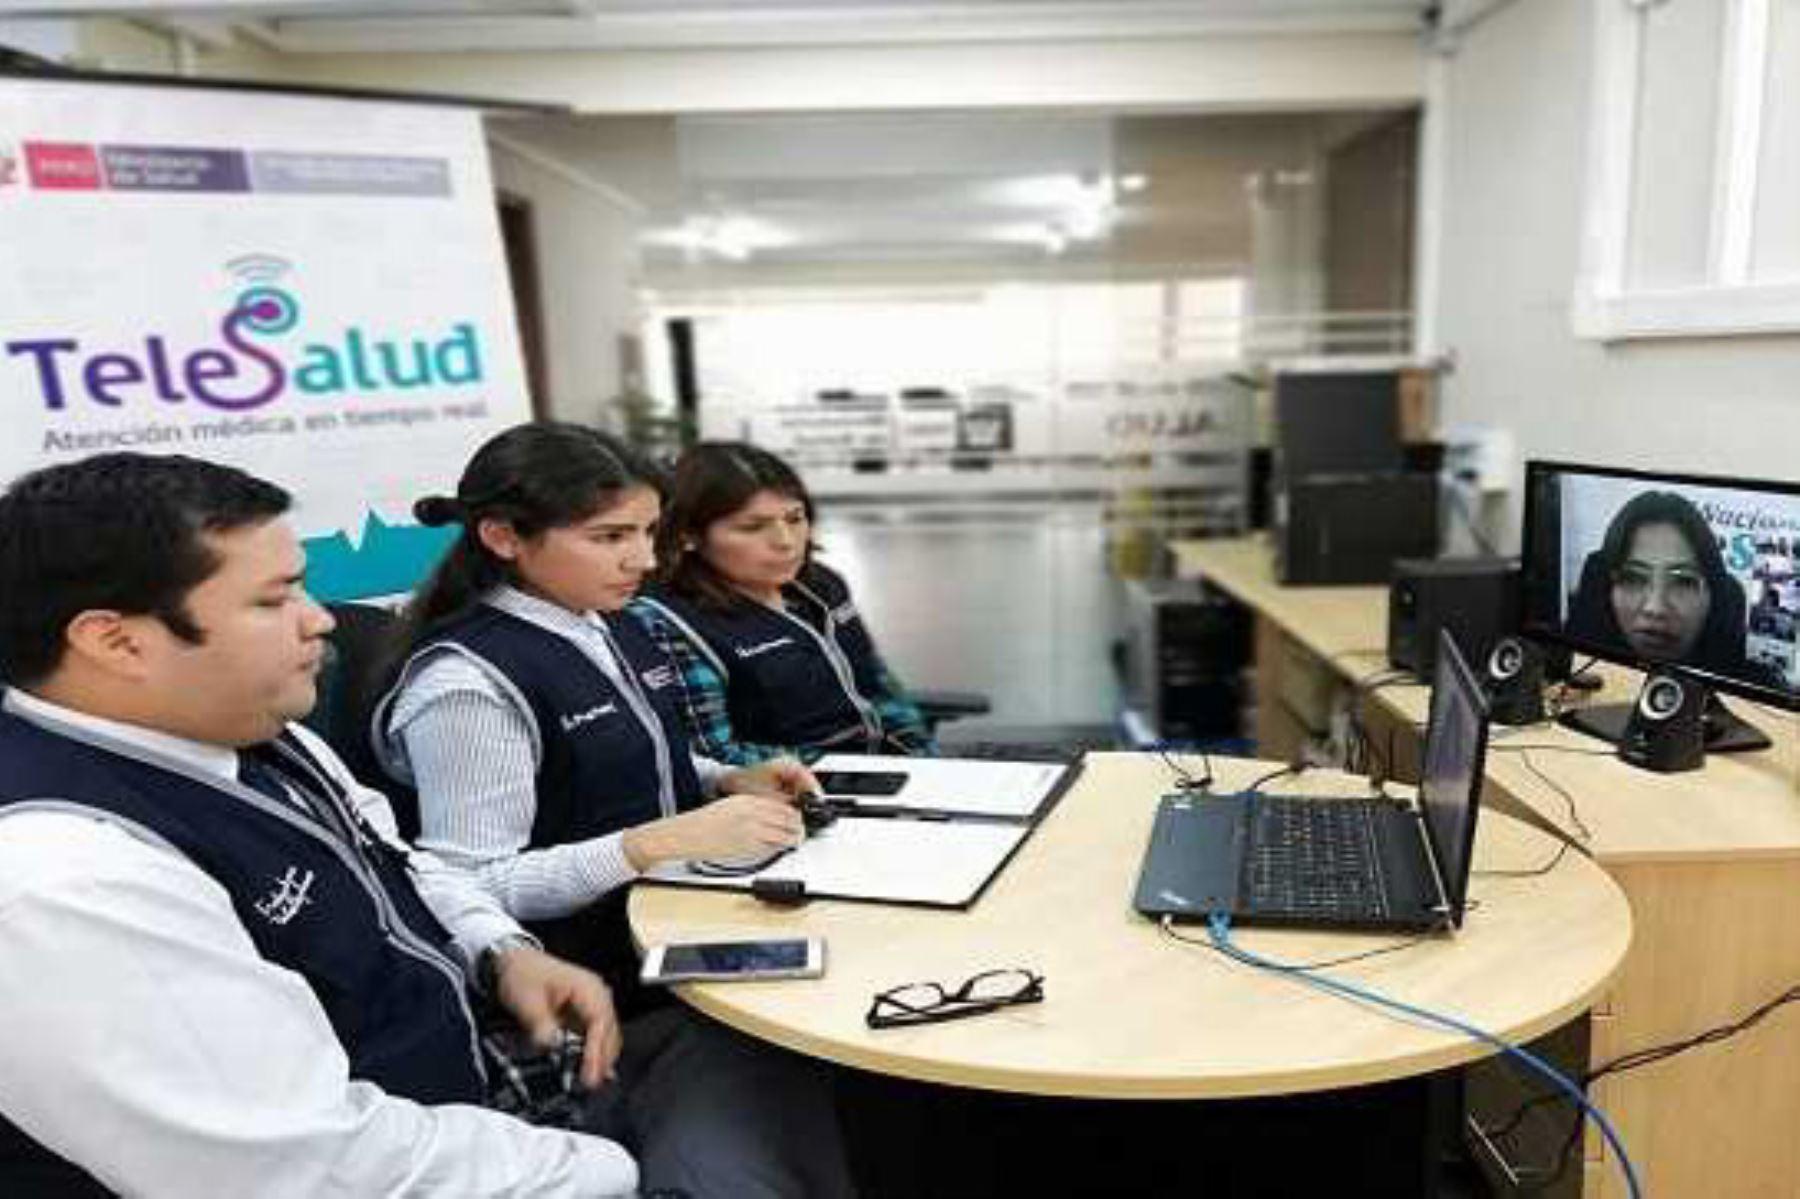 Ocho establecimientos de salud de las regiones Madre de Dios y Tacna se sumaron hoy a la Red Nacional de Telesalud, sistema que permite brindar servicios de salud especializados a distancia y en tiempo real a miles de pobladores del sur del país.